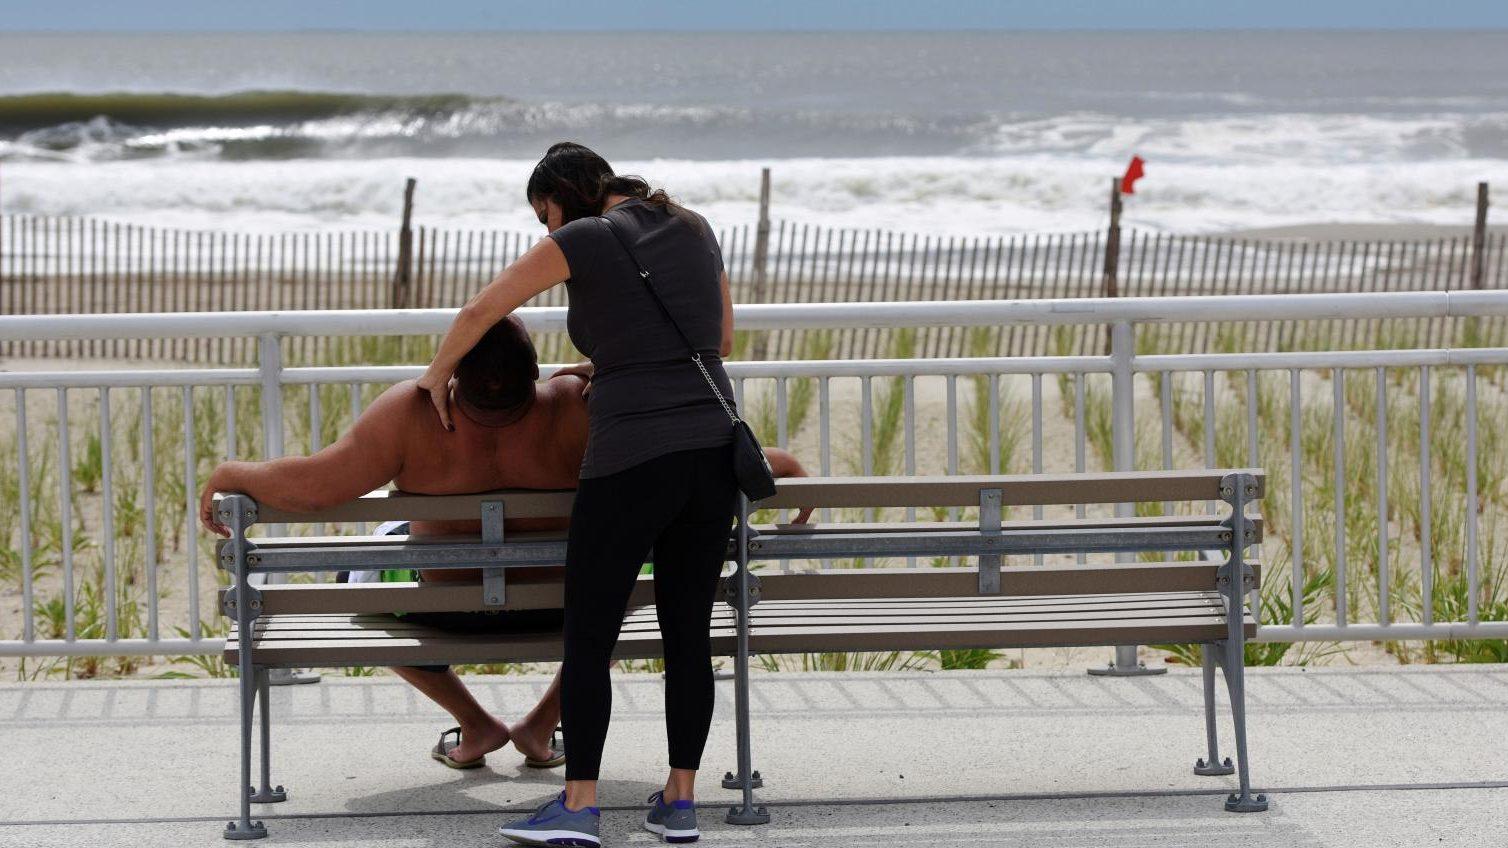 A woman rubs a man's shoulders